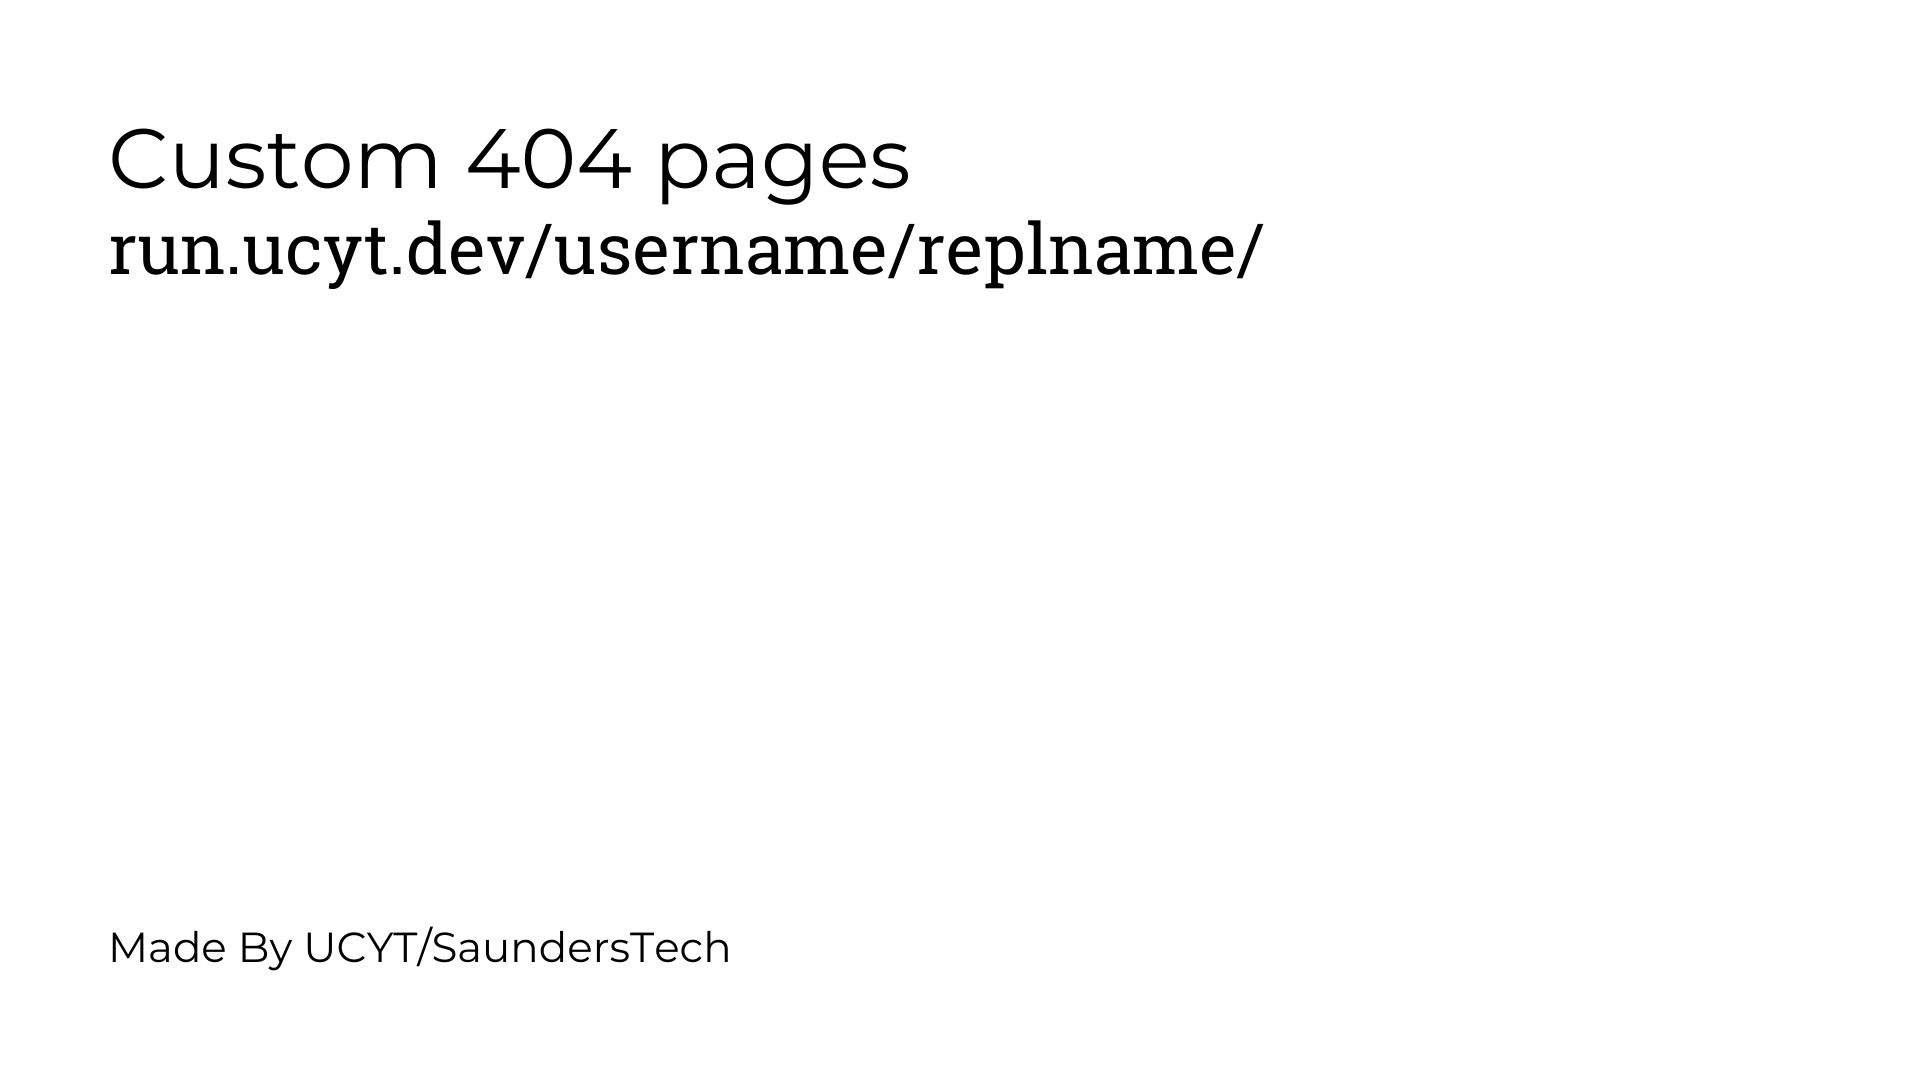 Custom 404 Page